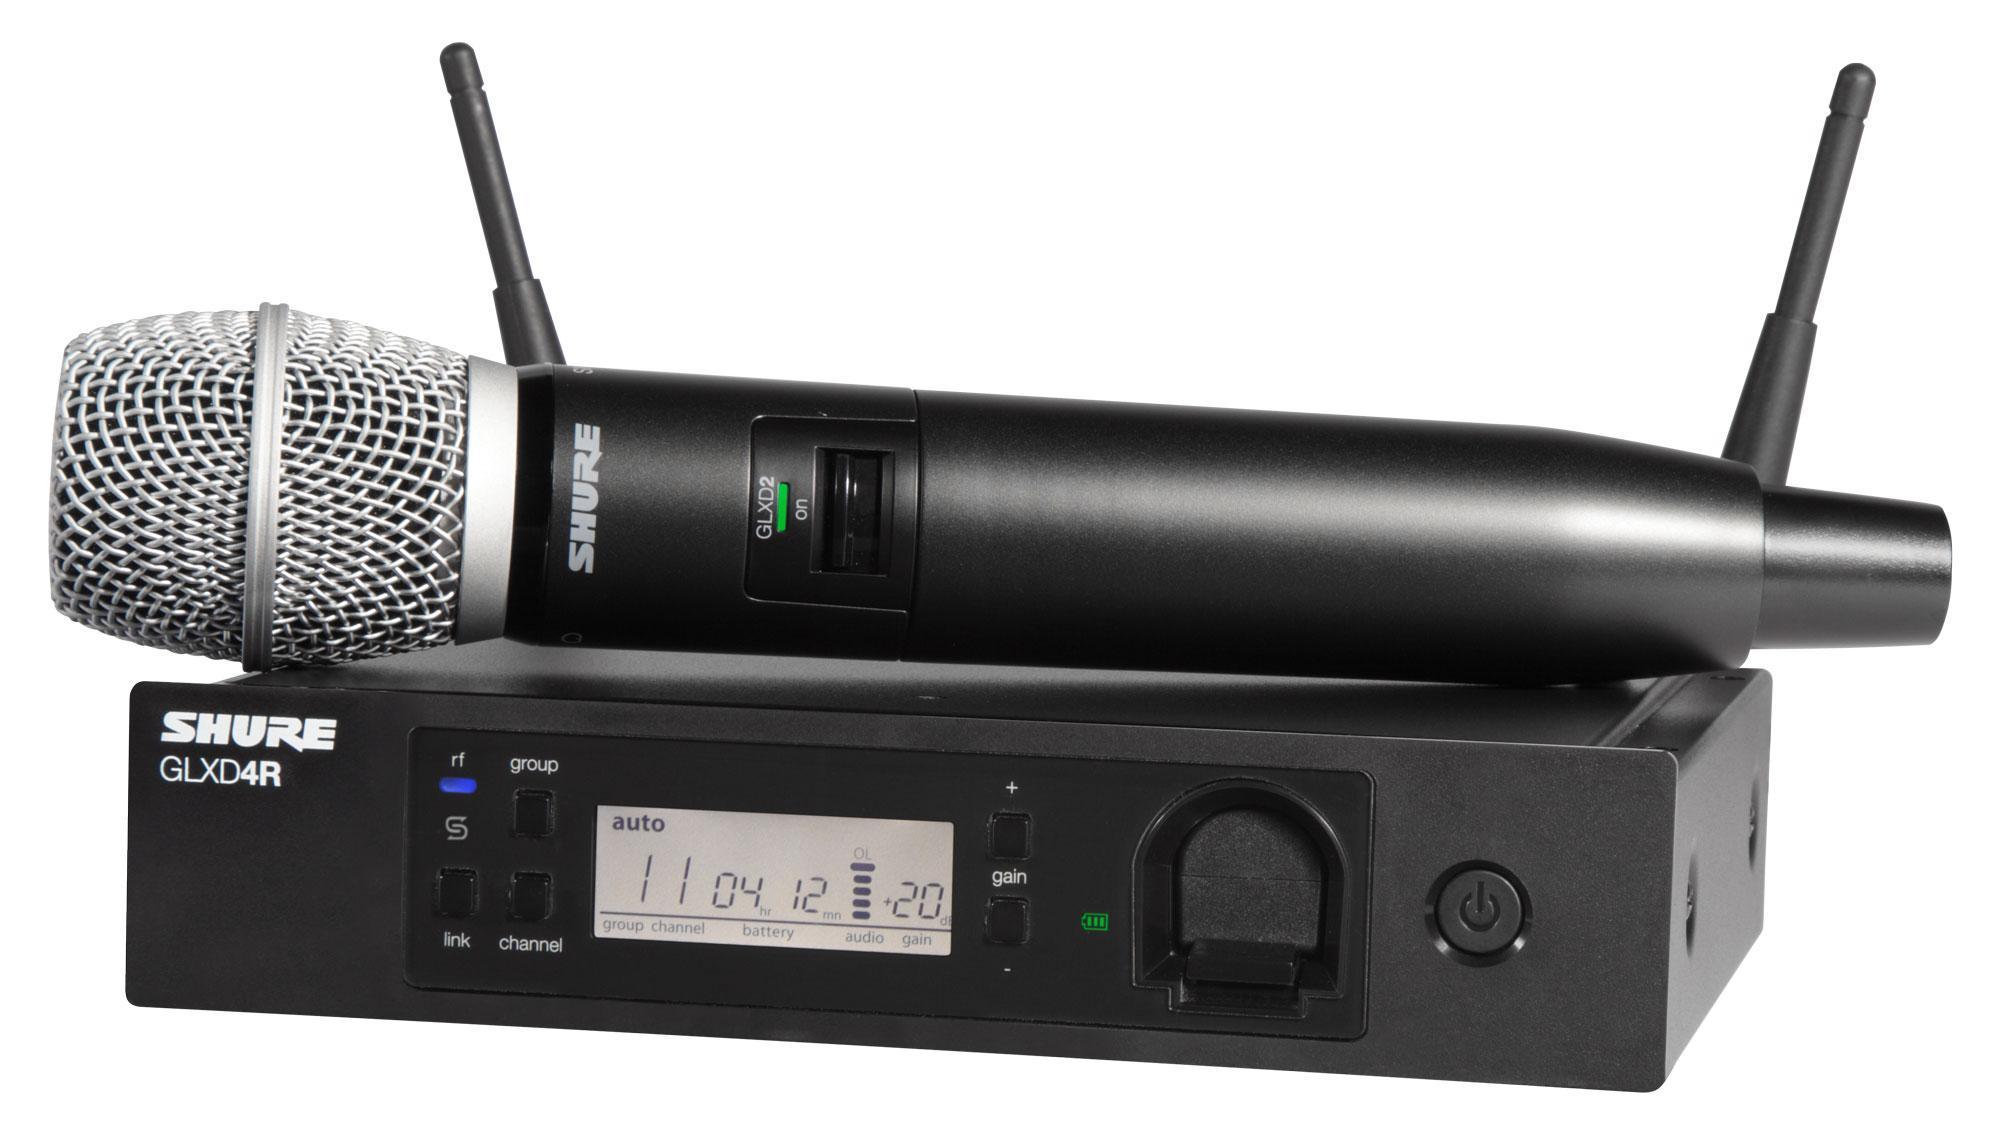 Drahtlossysteme - Shure GLXD24R|SM86 Digital Vocal Funksystem - Onlineshop Musikhaus Kirstein